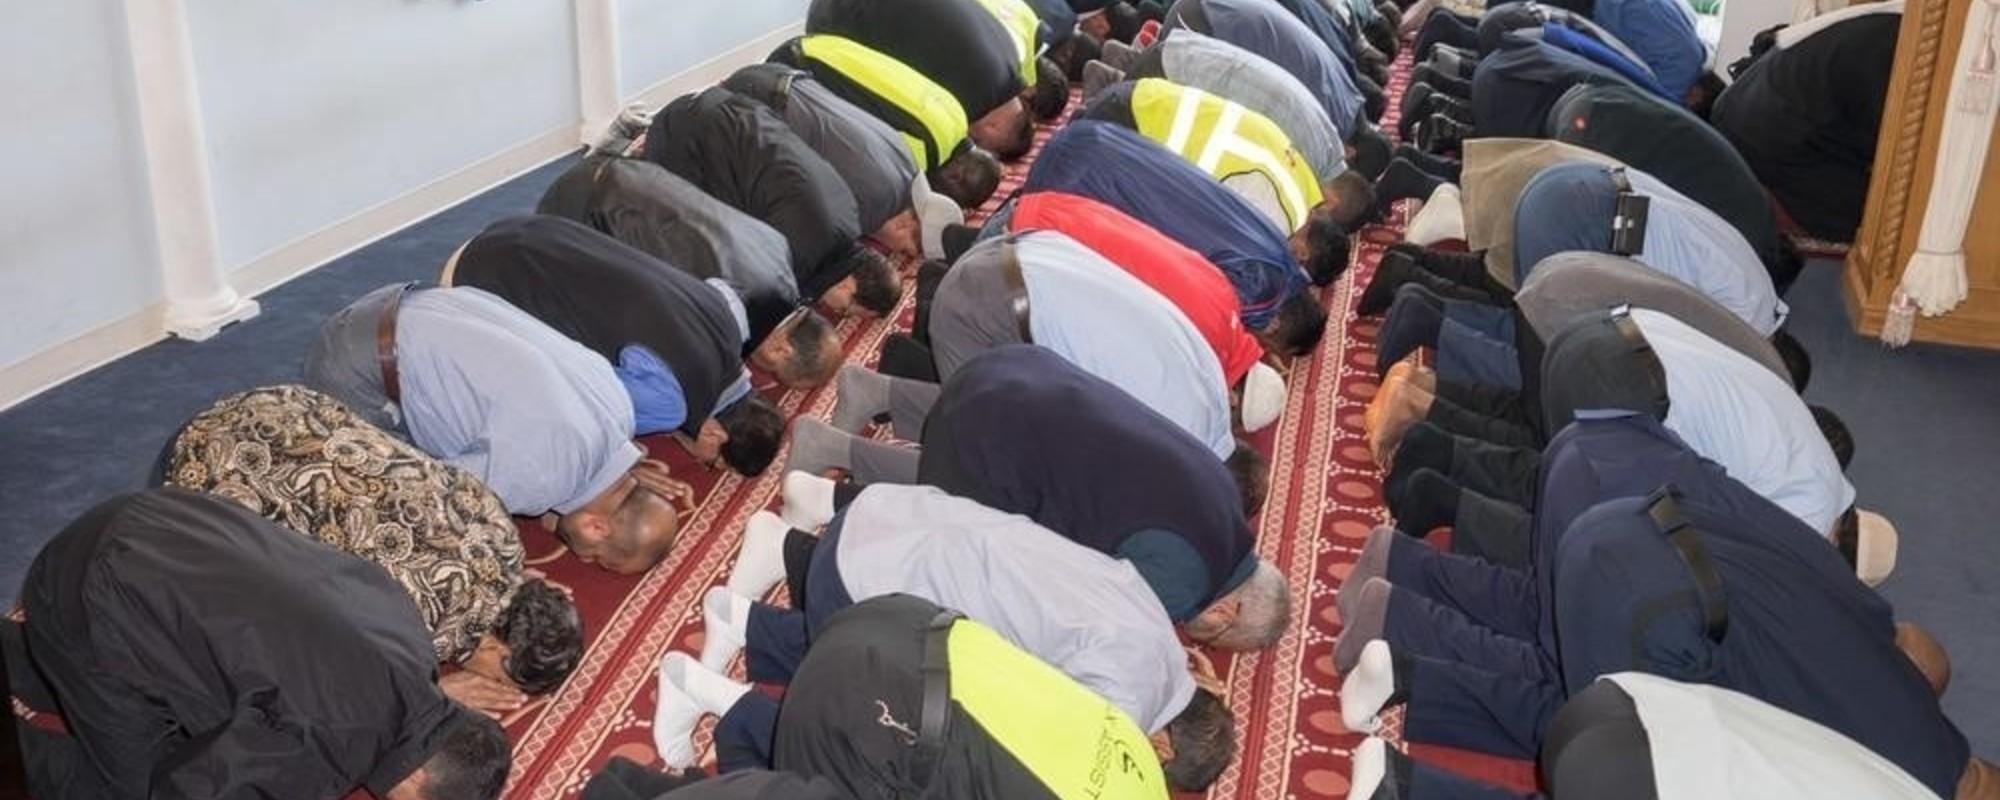 Cum se roagă oamenii în aeroport